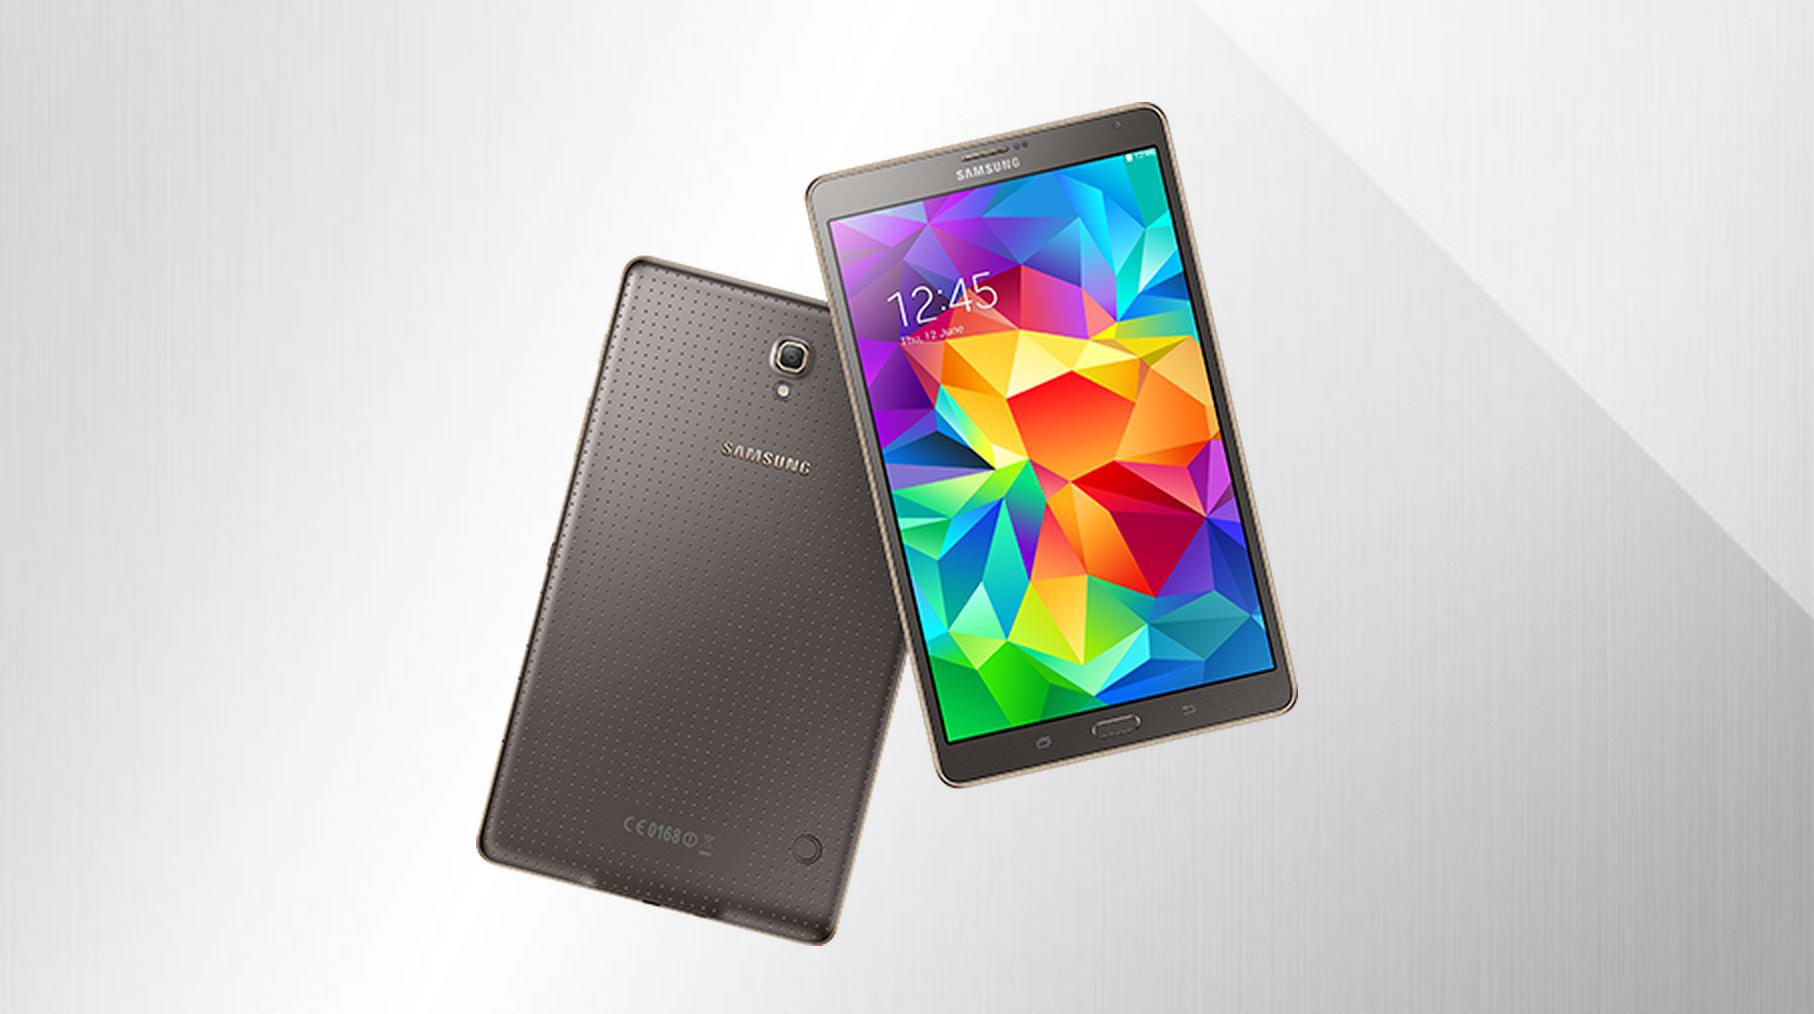 Samsung Galaxy Tab S 8.4 Tablet Terbaik 2015